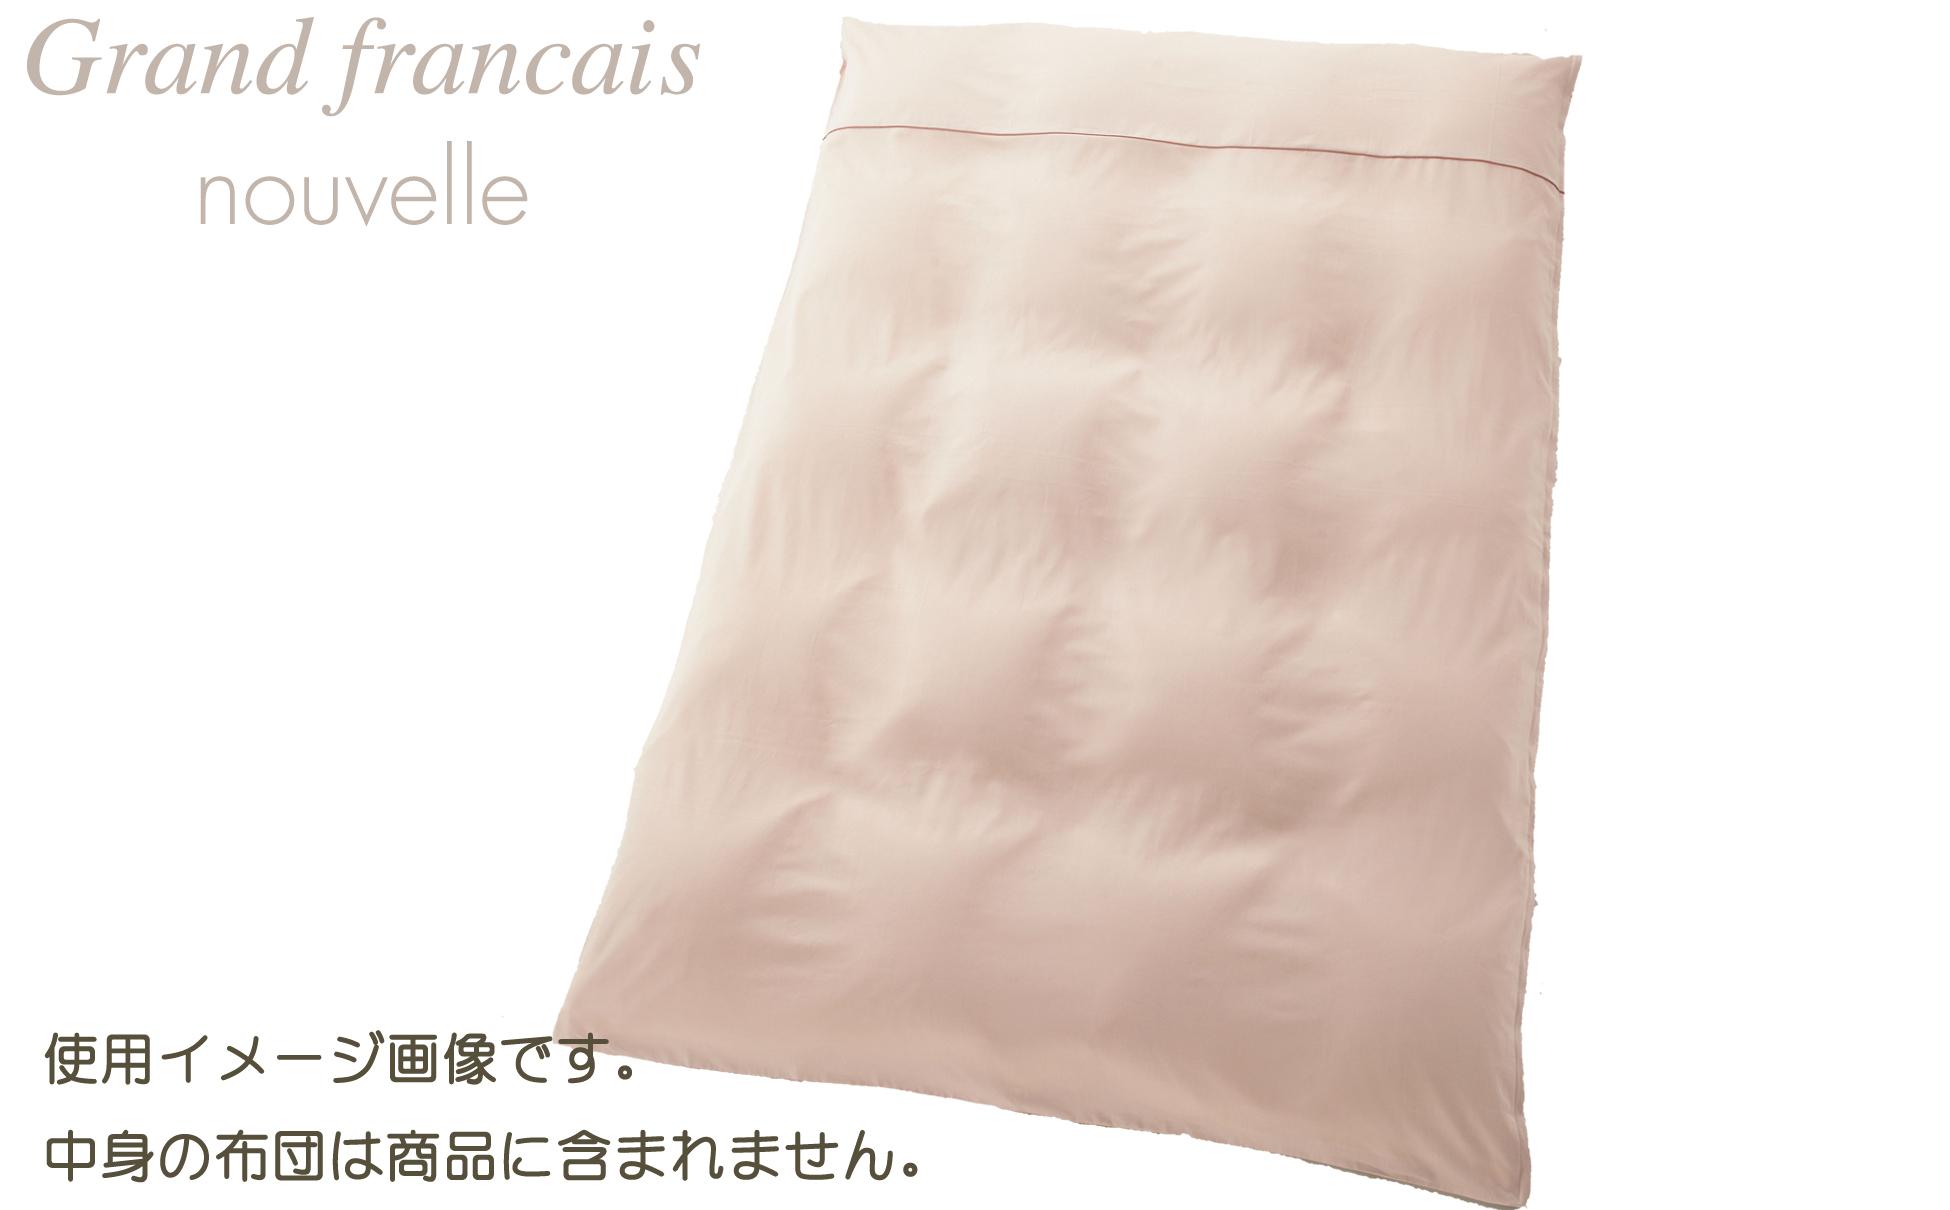 【シングルサイズ】日本製 羽毛布団を引き立てる やわらか超長綿掛け布団カバー カラー:シャインローズ